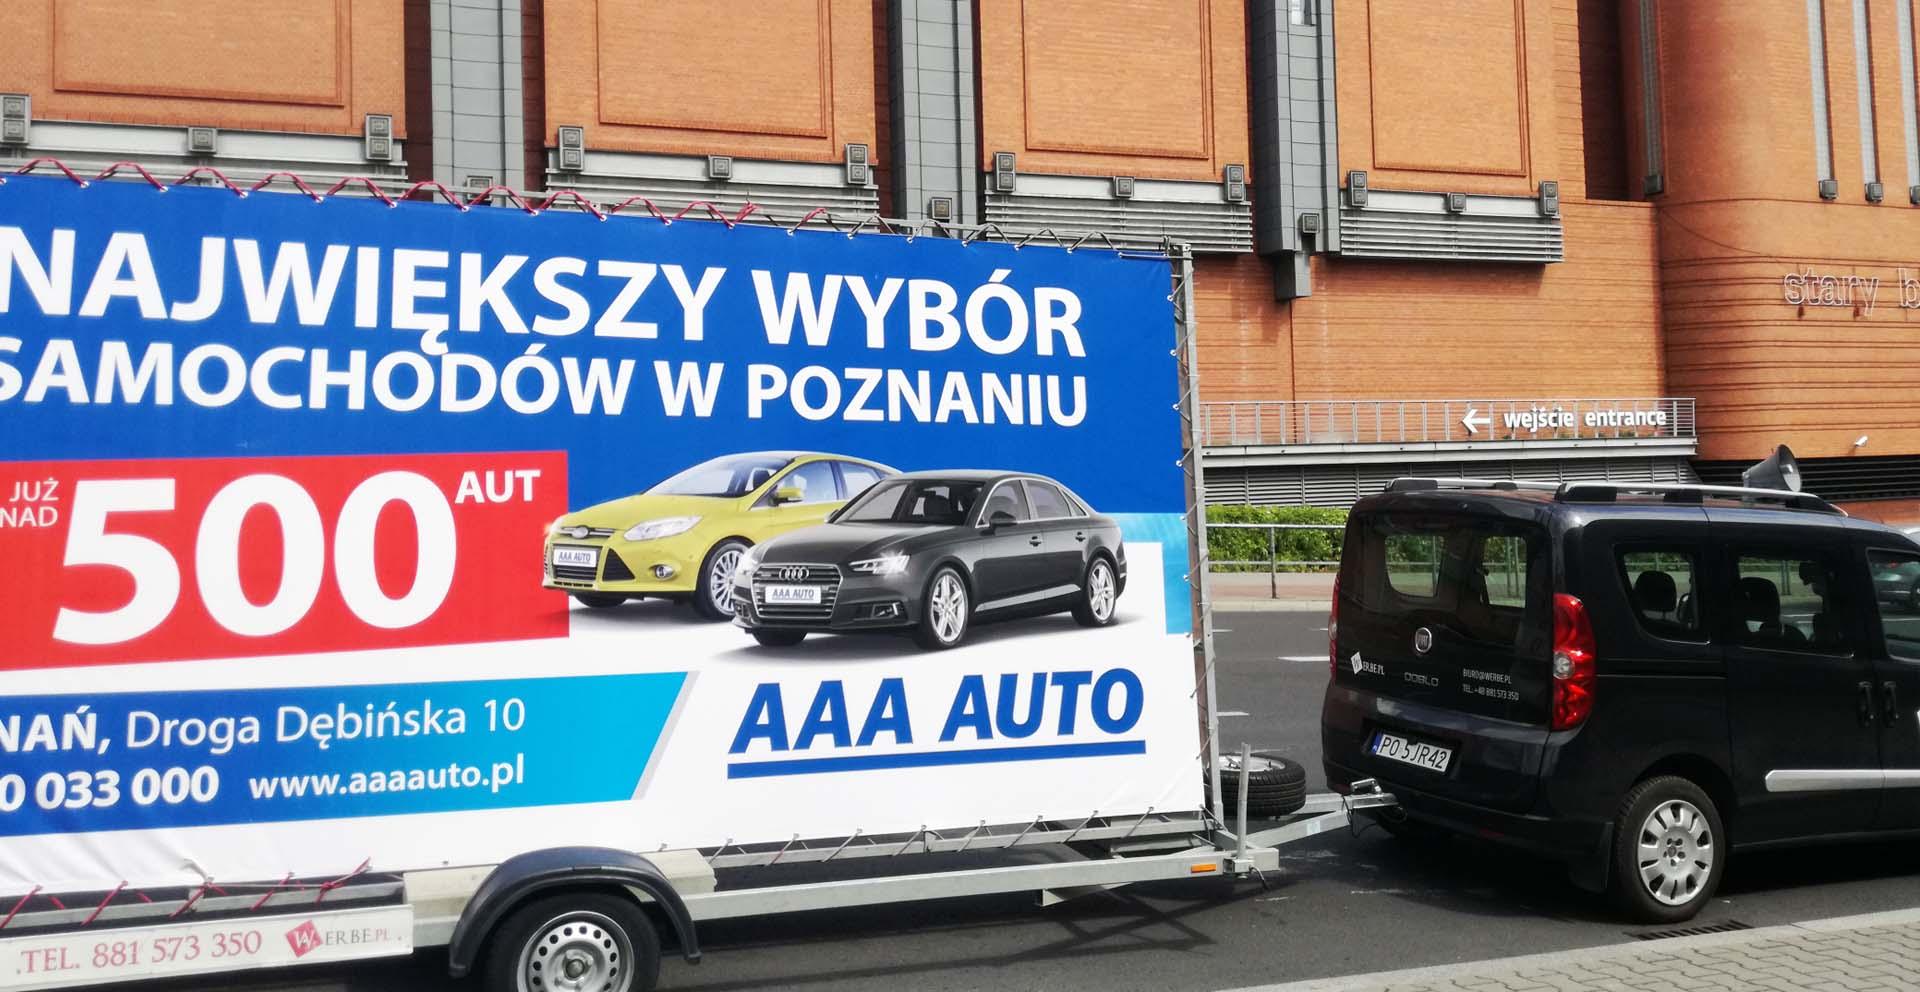 przyczepy-mobile-reklamowe-reklama-mobilna-poznan-werbe